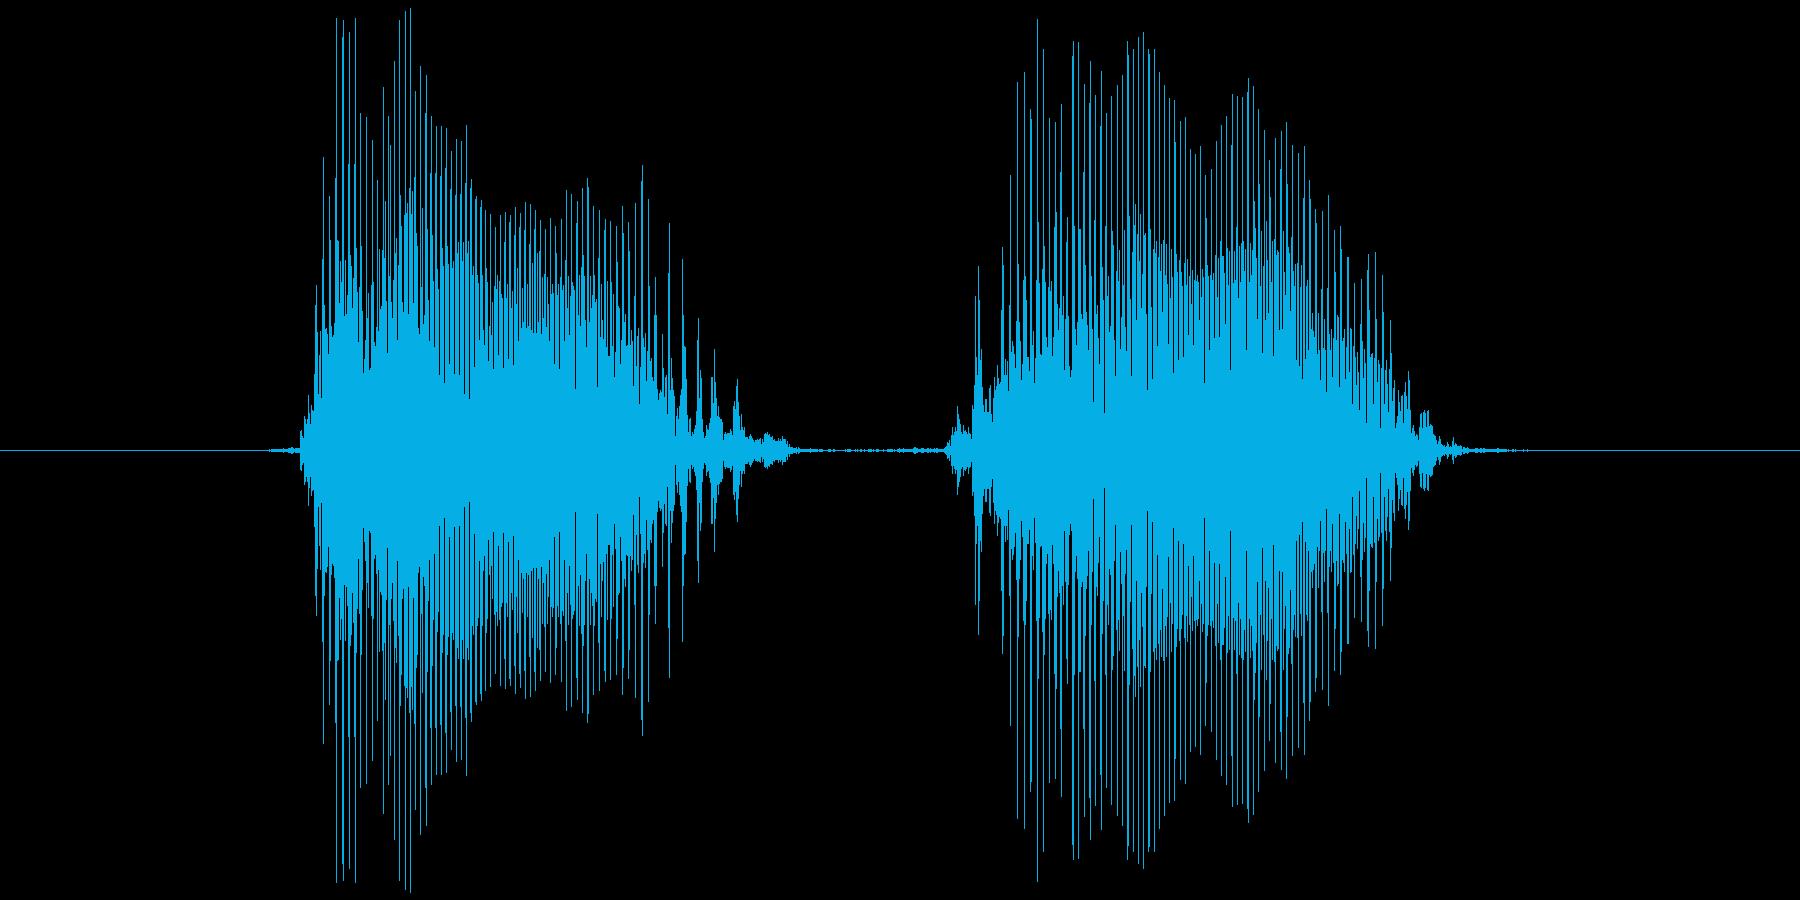 「えいえい」の再生済みの波形